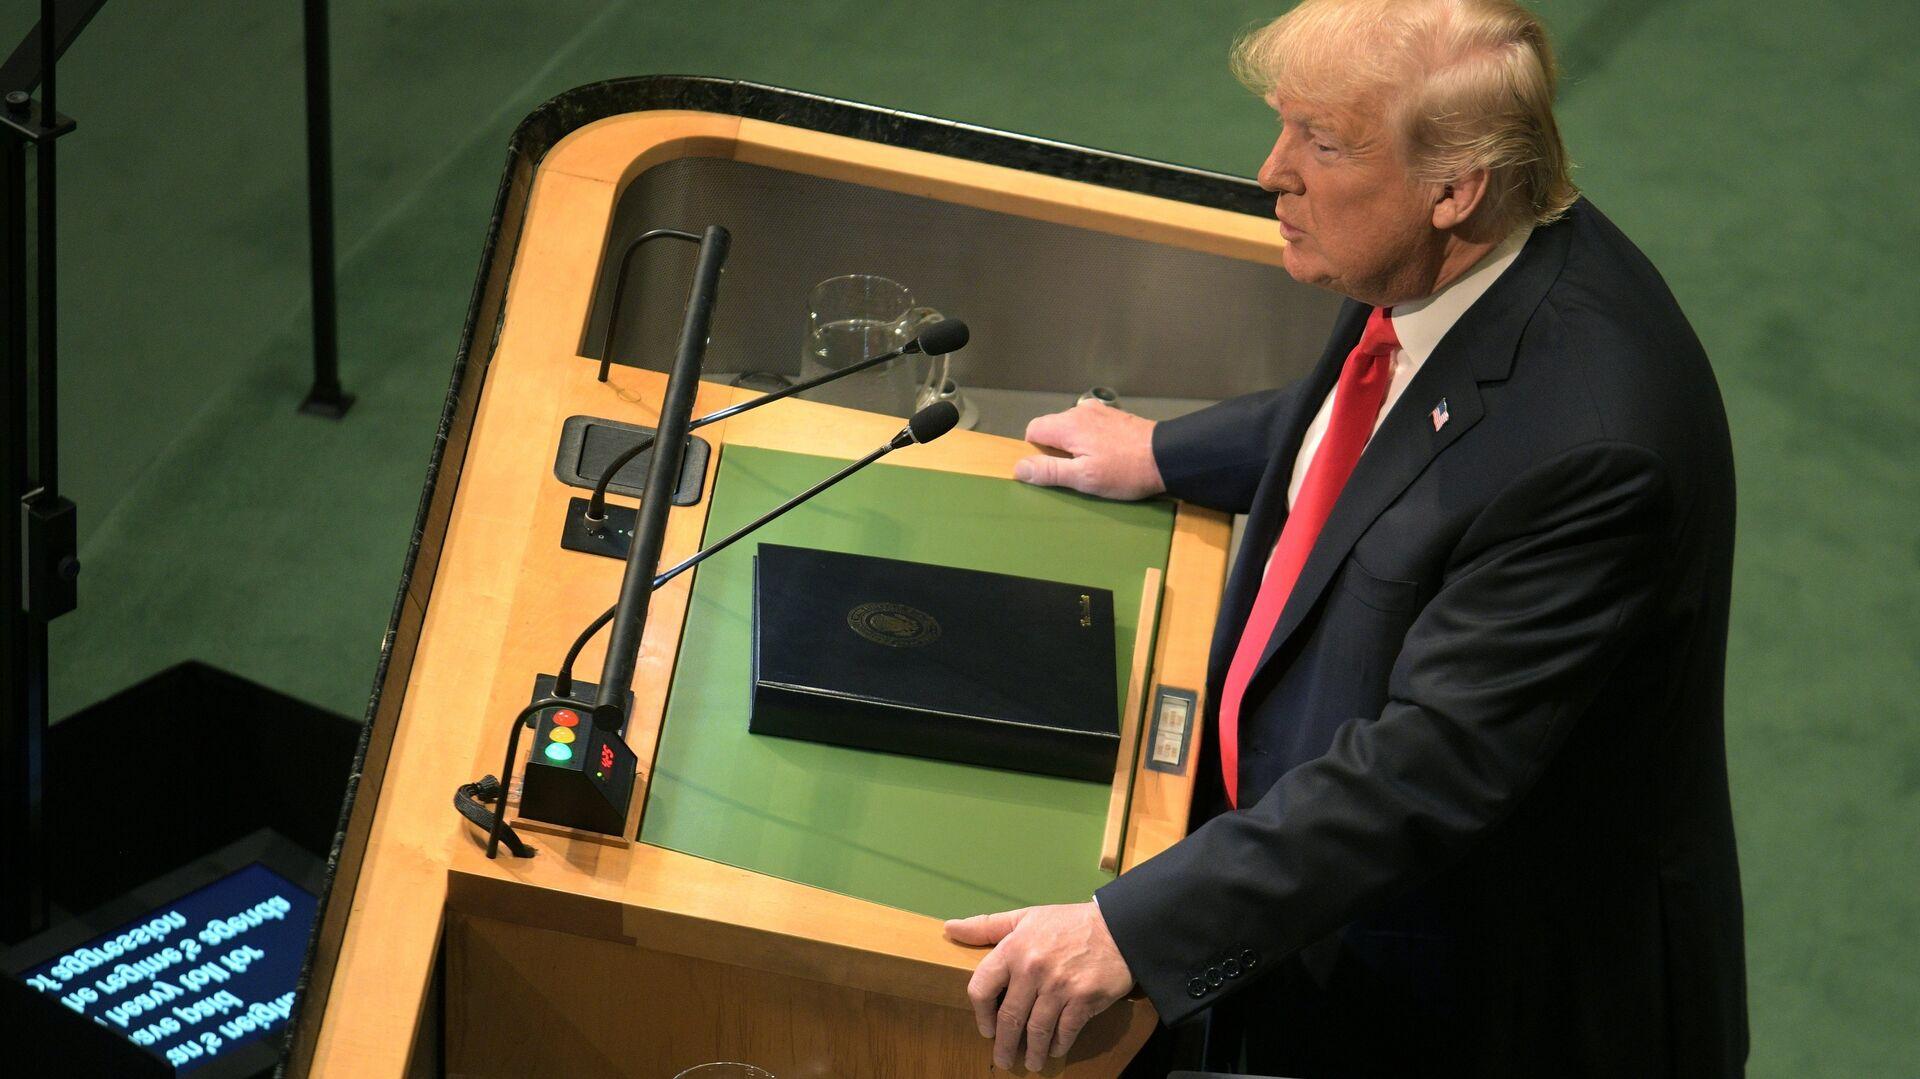 Президент США Дональд Трамп выступает на Генеральной Ассамблее Организации Объединенных Наций в Нью-Йорке. 25 сентября 2018 - РИА Новости, 1920, 25.09.2018